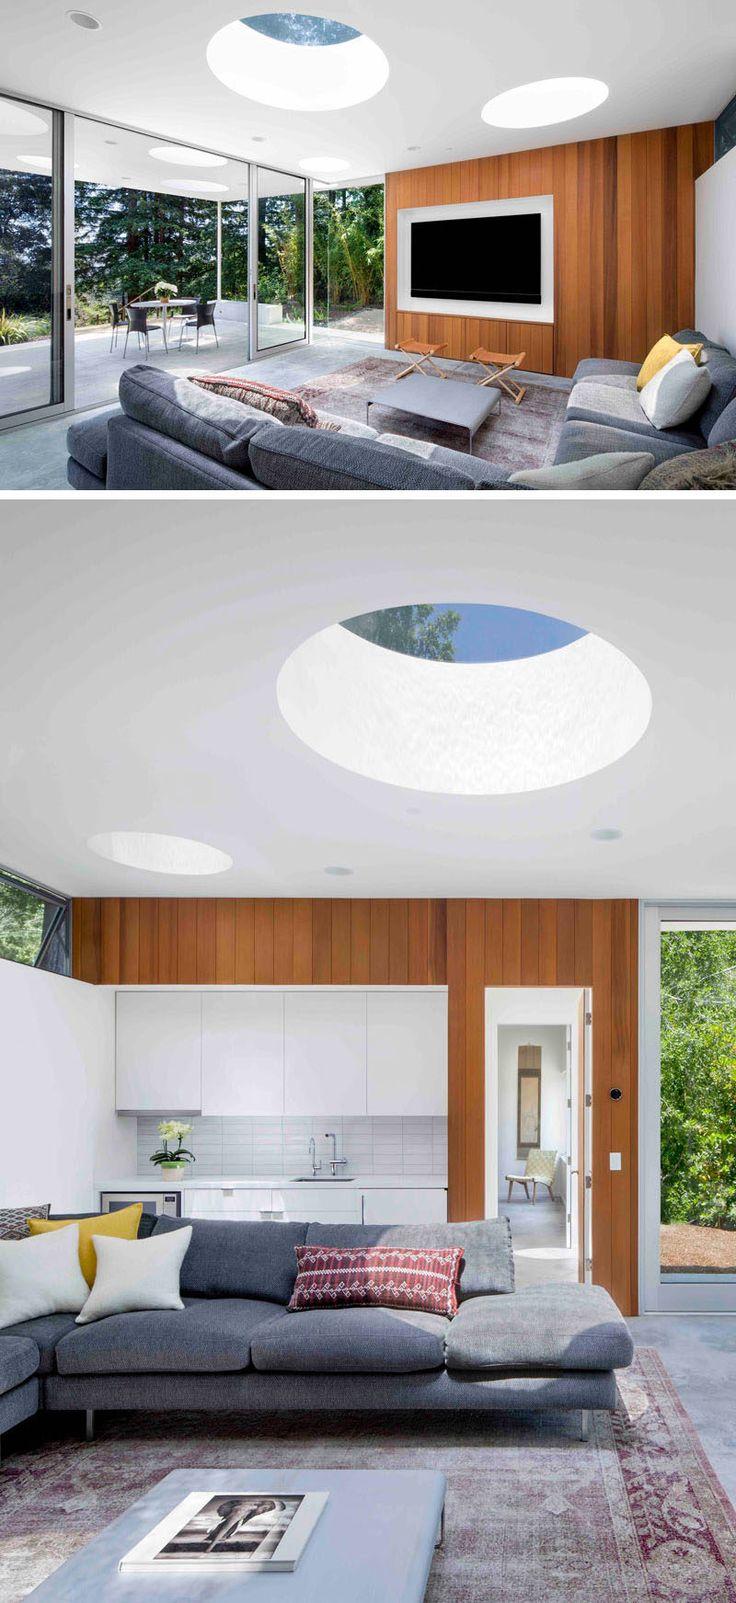 200+ best Interior Design images on Pinterest   Bedrooms, Bedroom ...